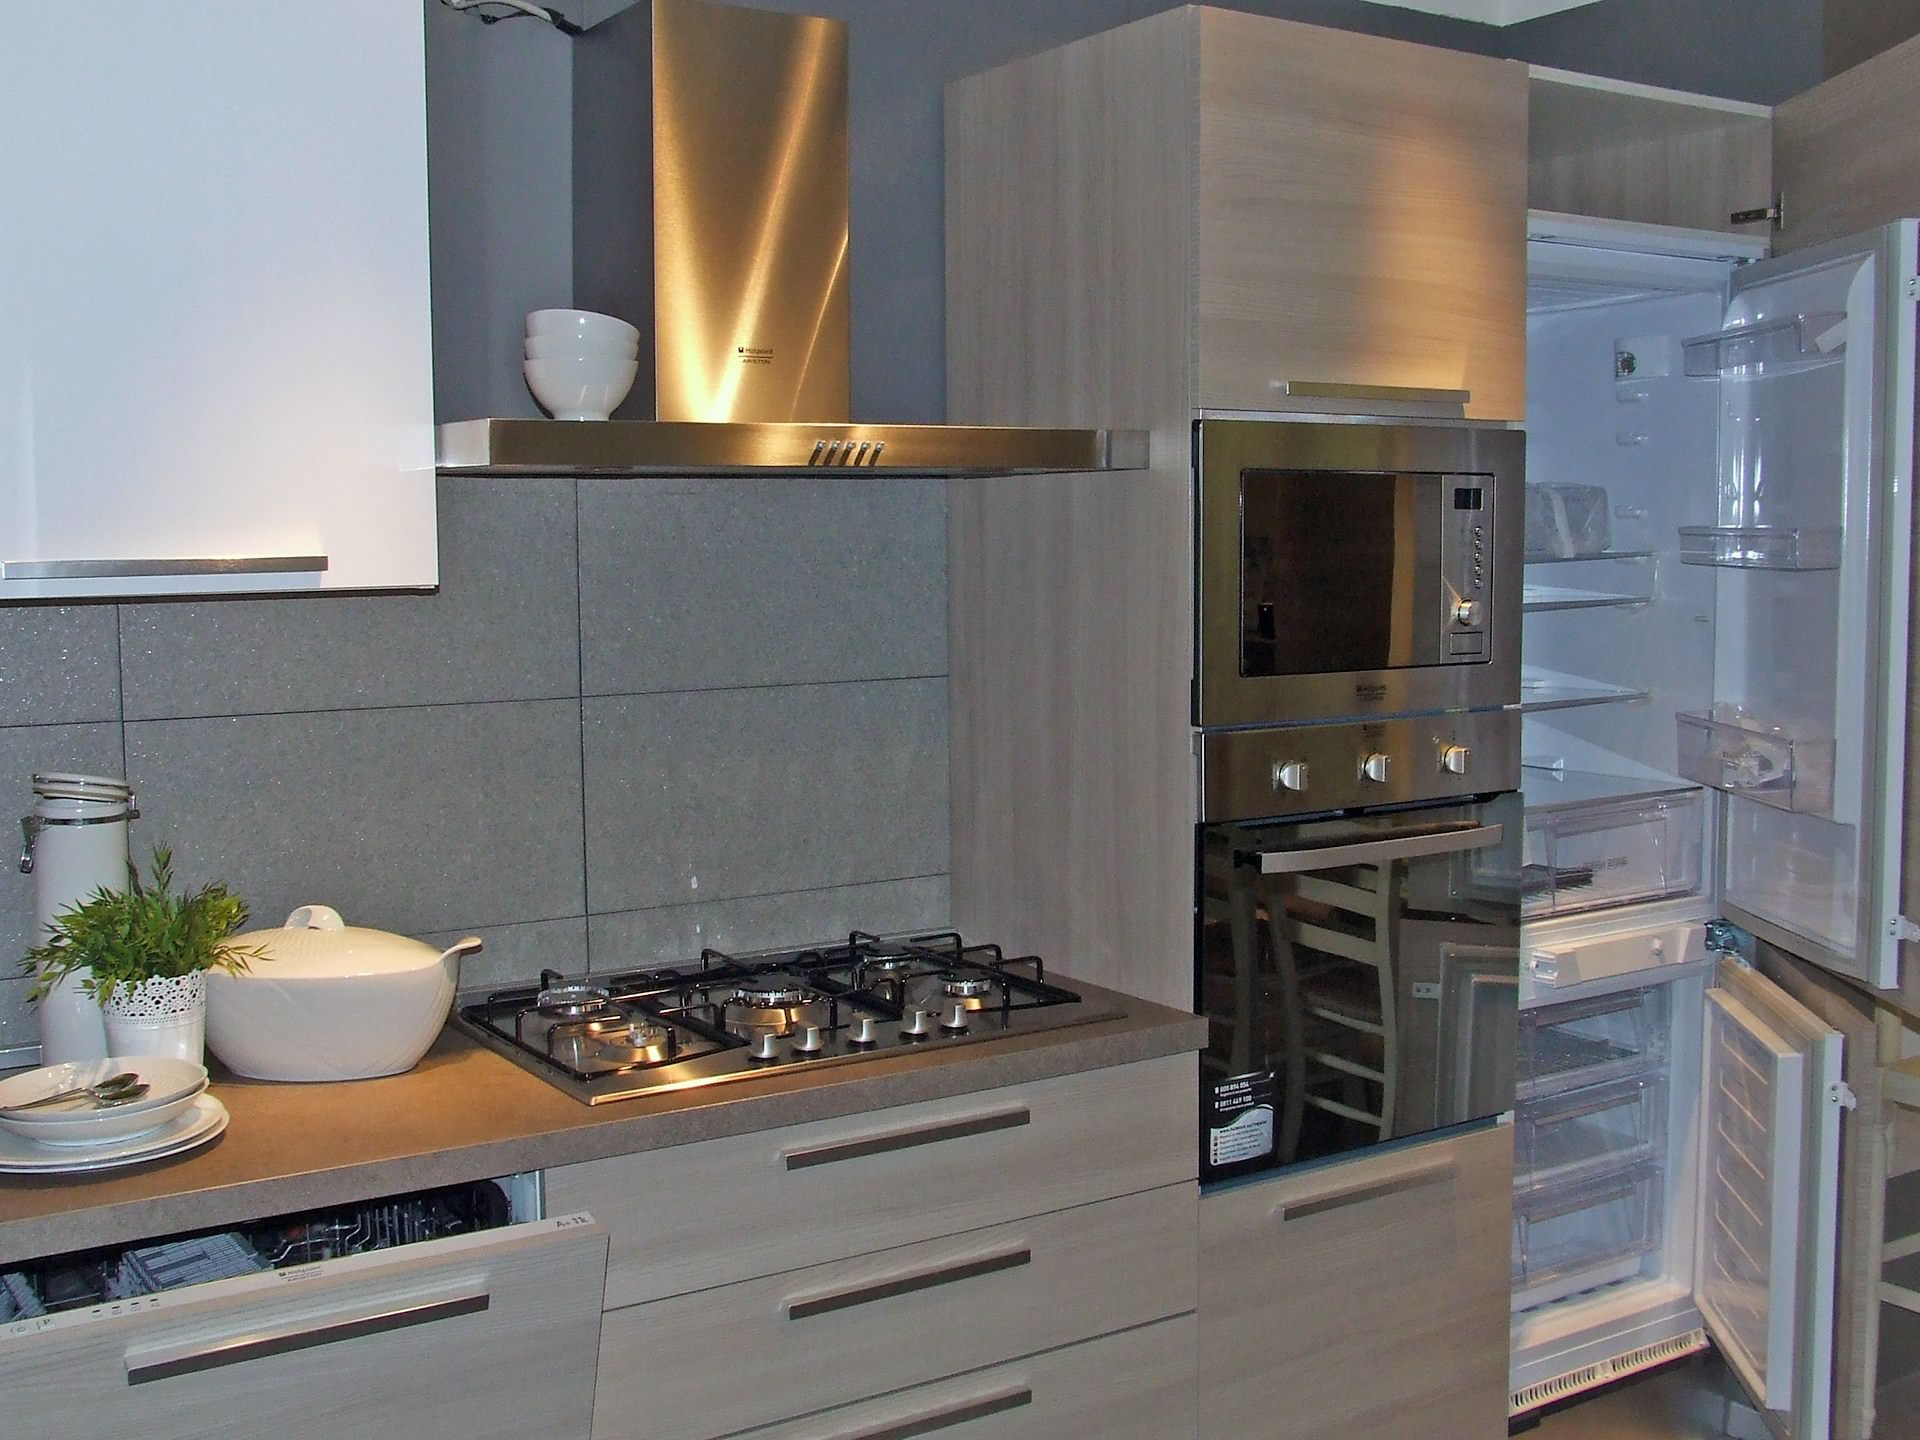 Aran Cucine Cucina Mirabilia Scontato Del  50 % Cucine A Prezzi  #977234 1920 1440 Veneta Cucine O Aran